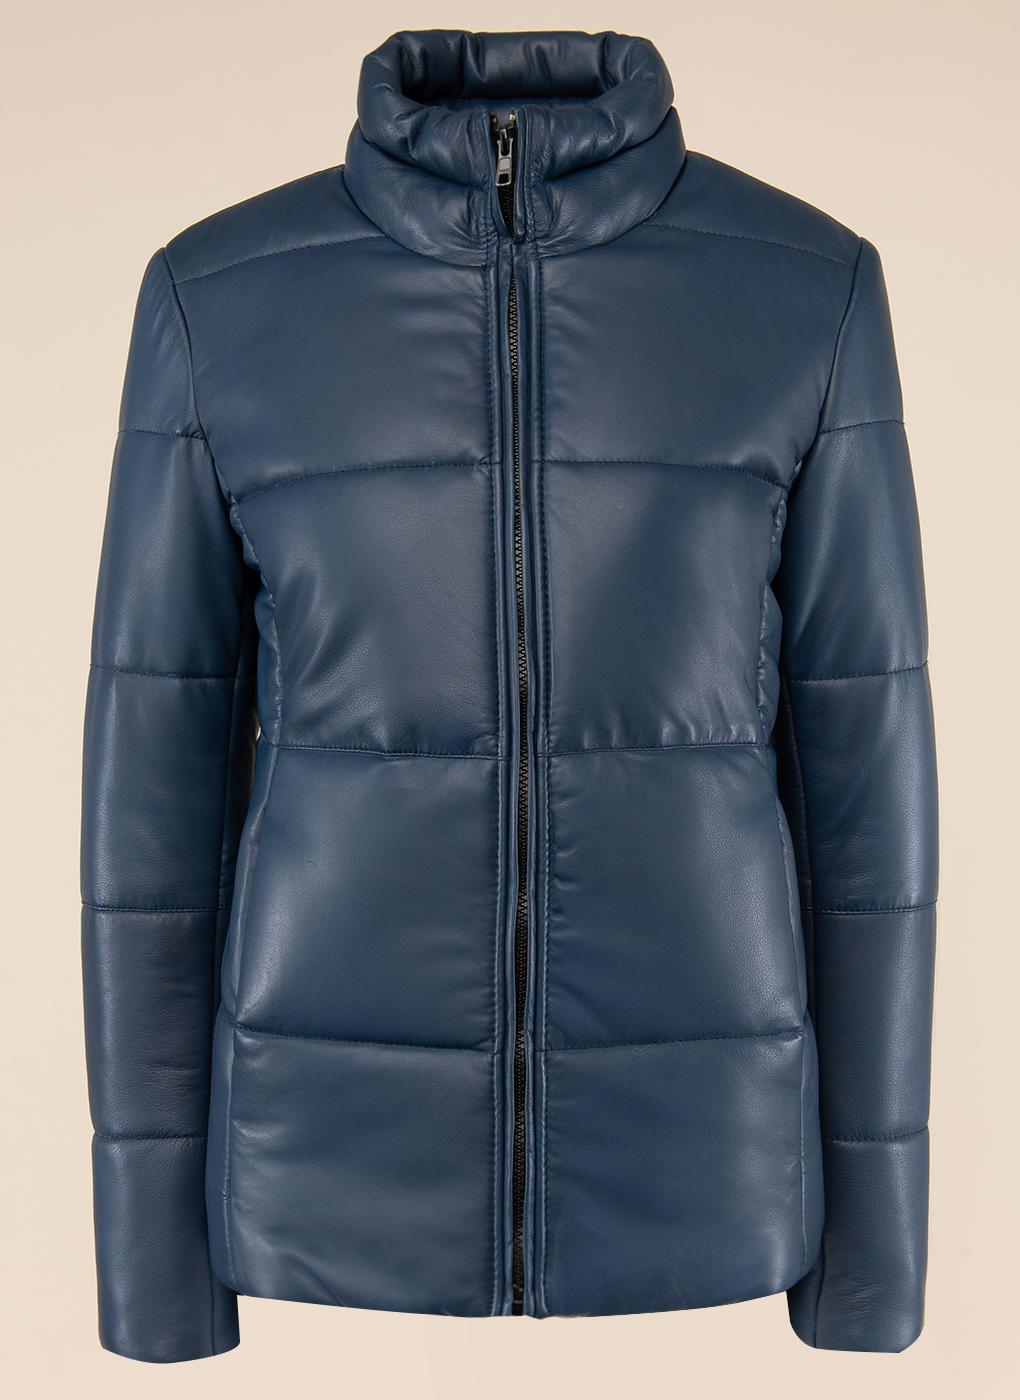 Кожаная куртка женская Каляев 157554 синяя 42